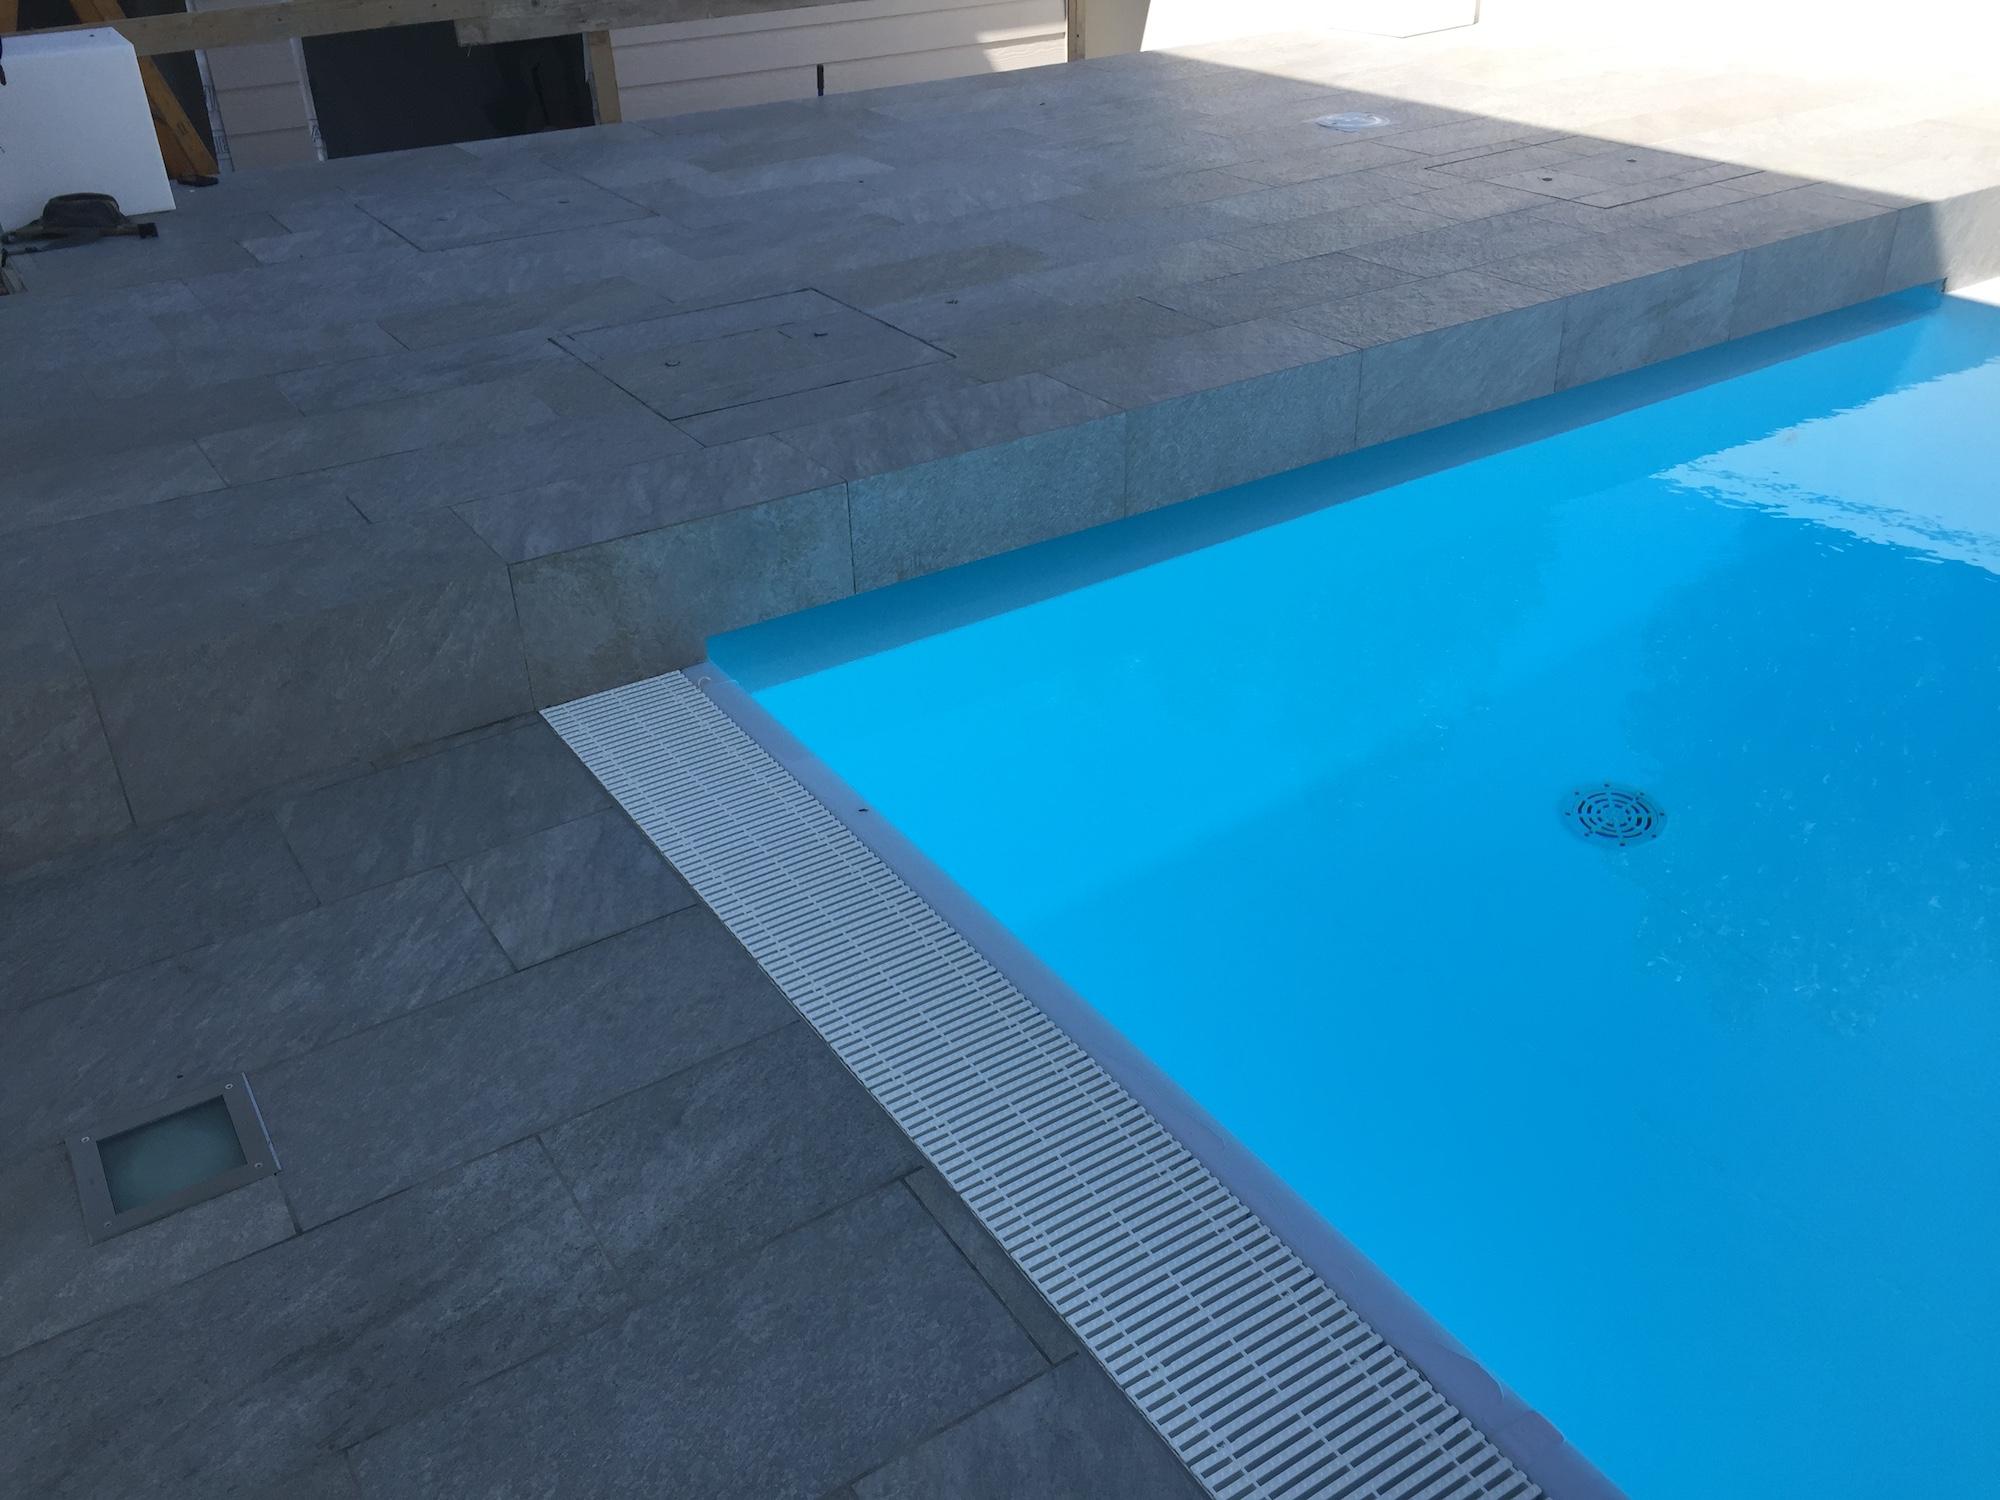 Rifacimento pavimentazione esterna e solarium piscina privata a Vicenza